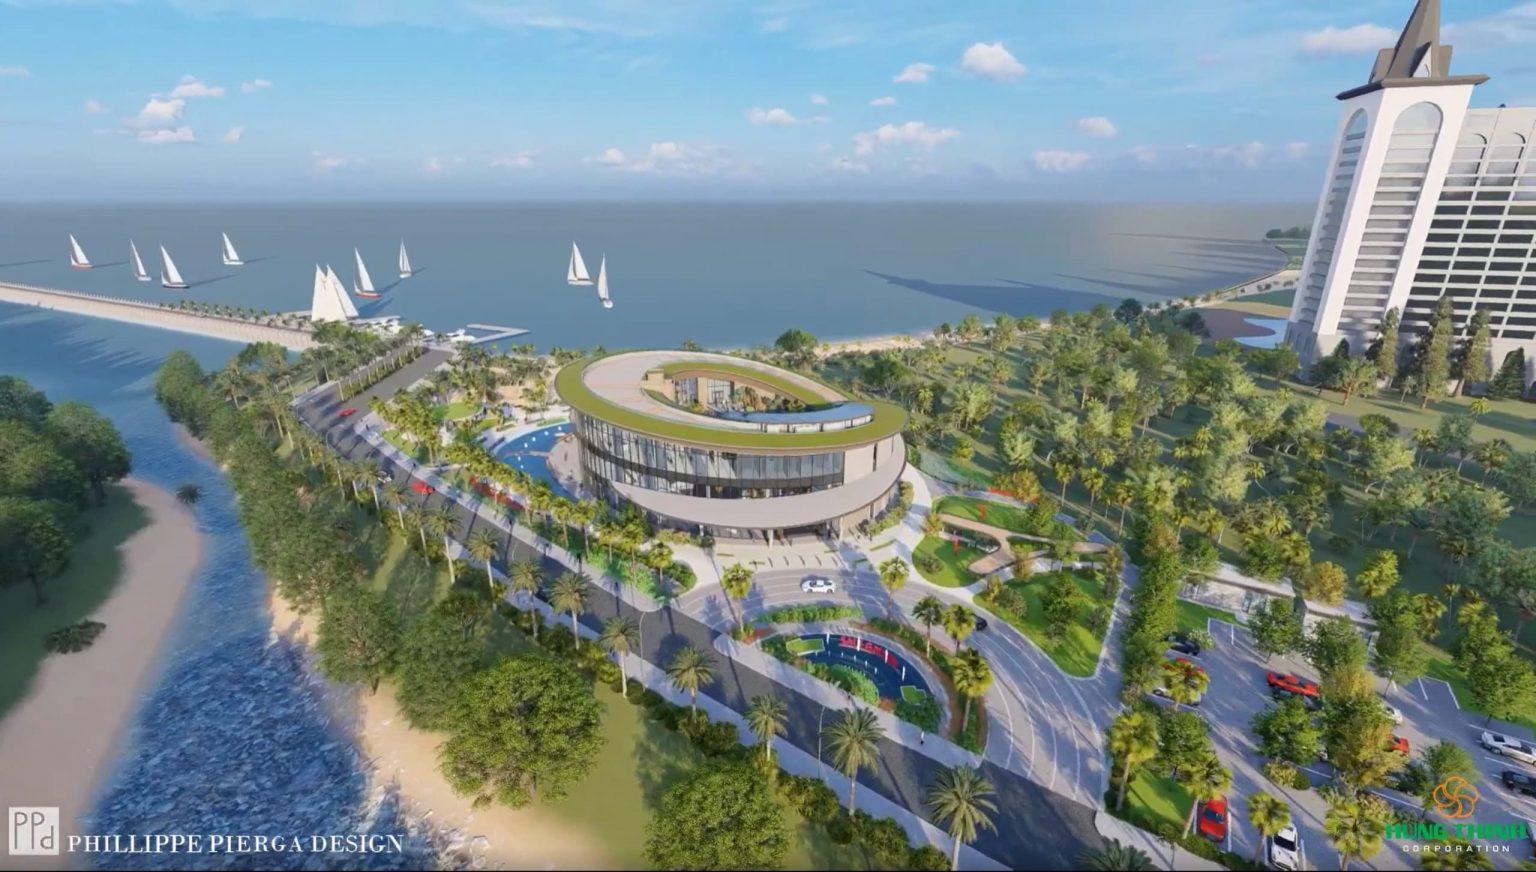 Hưng Thịnh muốn đầu tư dự án mở rộng Khu du lịch Hải Giang Merry Land hơn 1.800 tỷ - Ảnh 1.